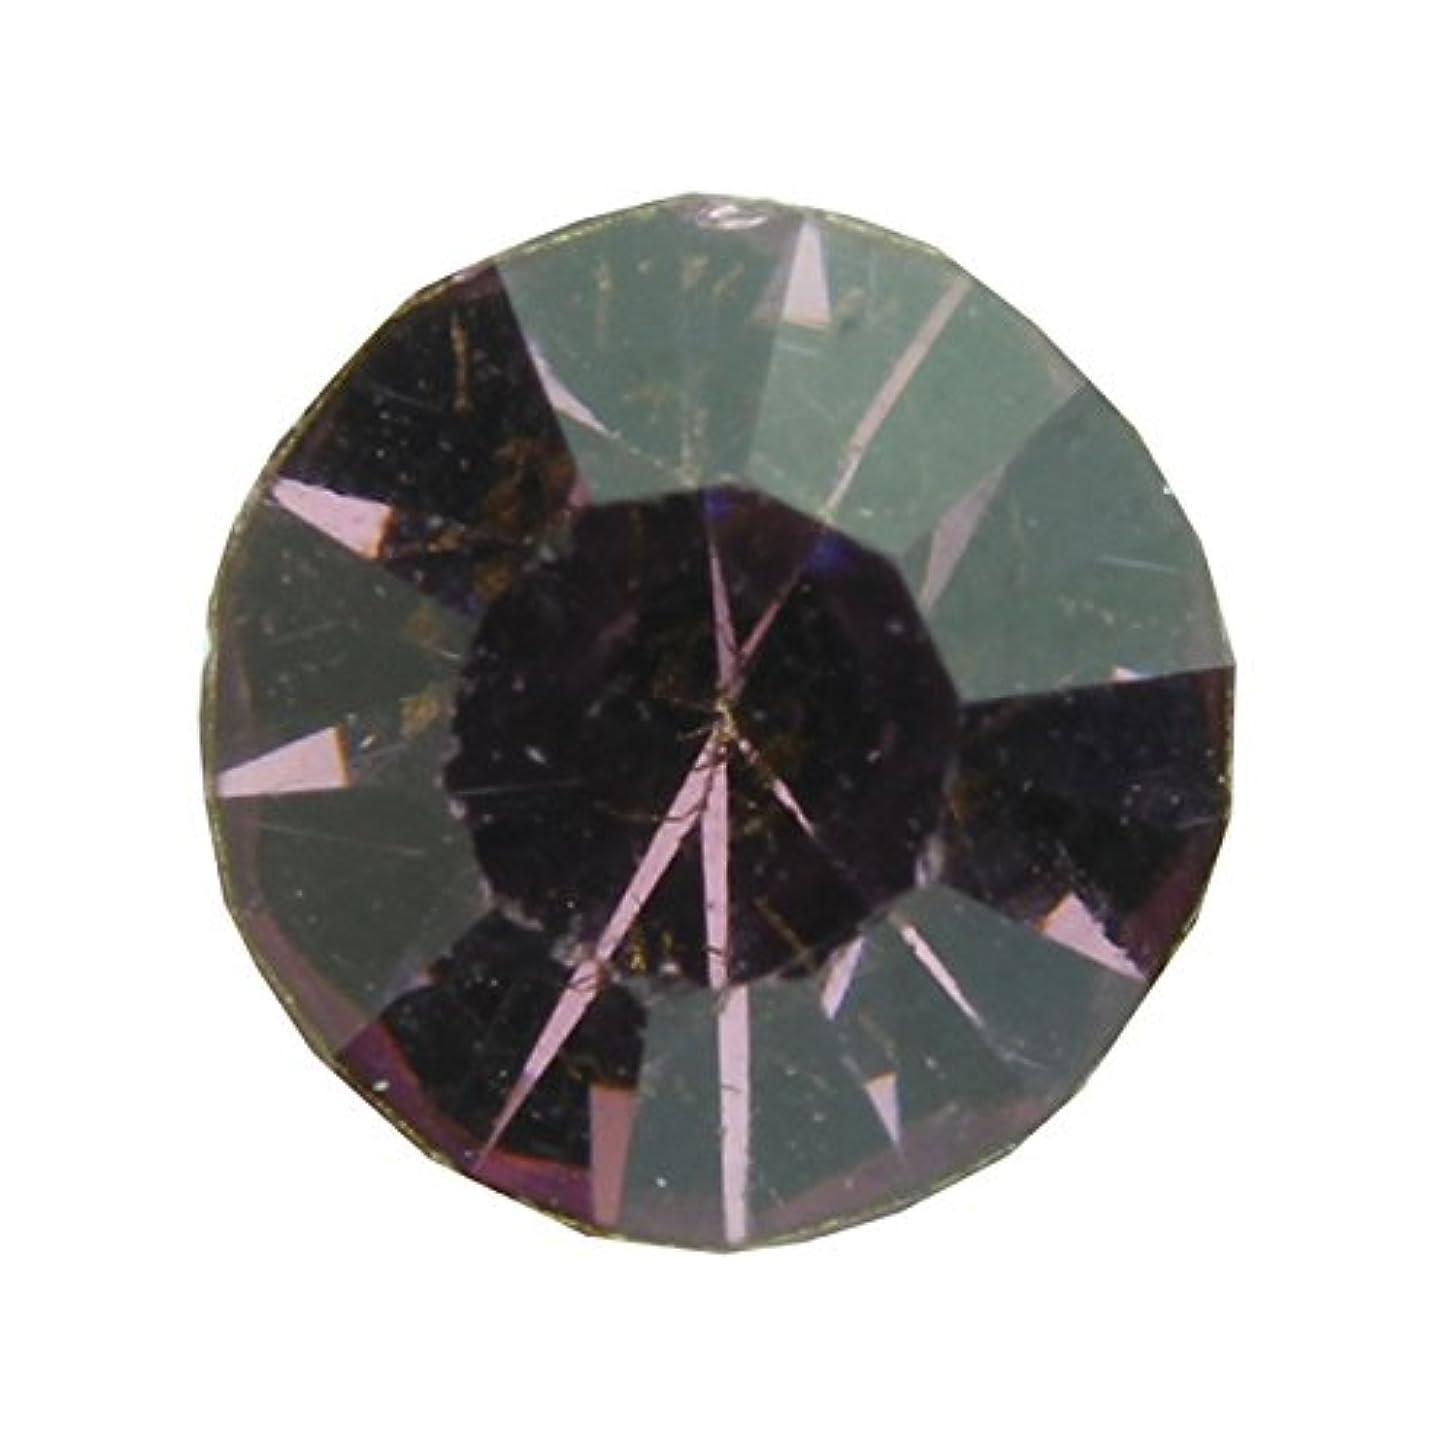 束悪性腫瘍硫黄アクリルストーンVカット ss20(約4.8mm)(30個入り) アメジスト